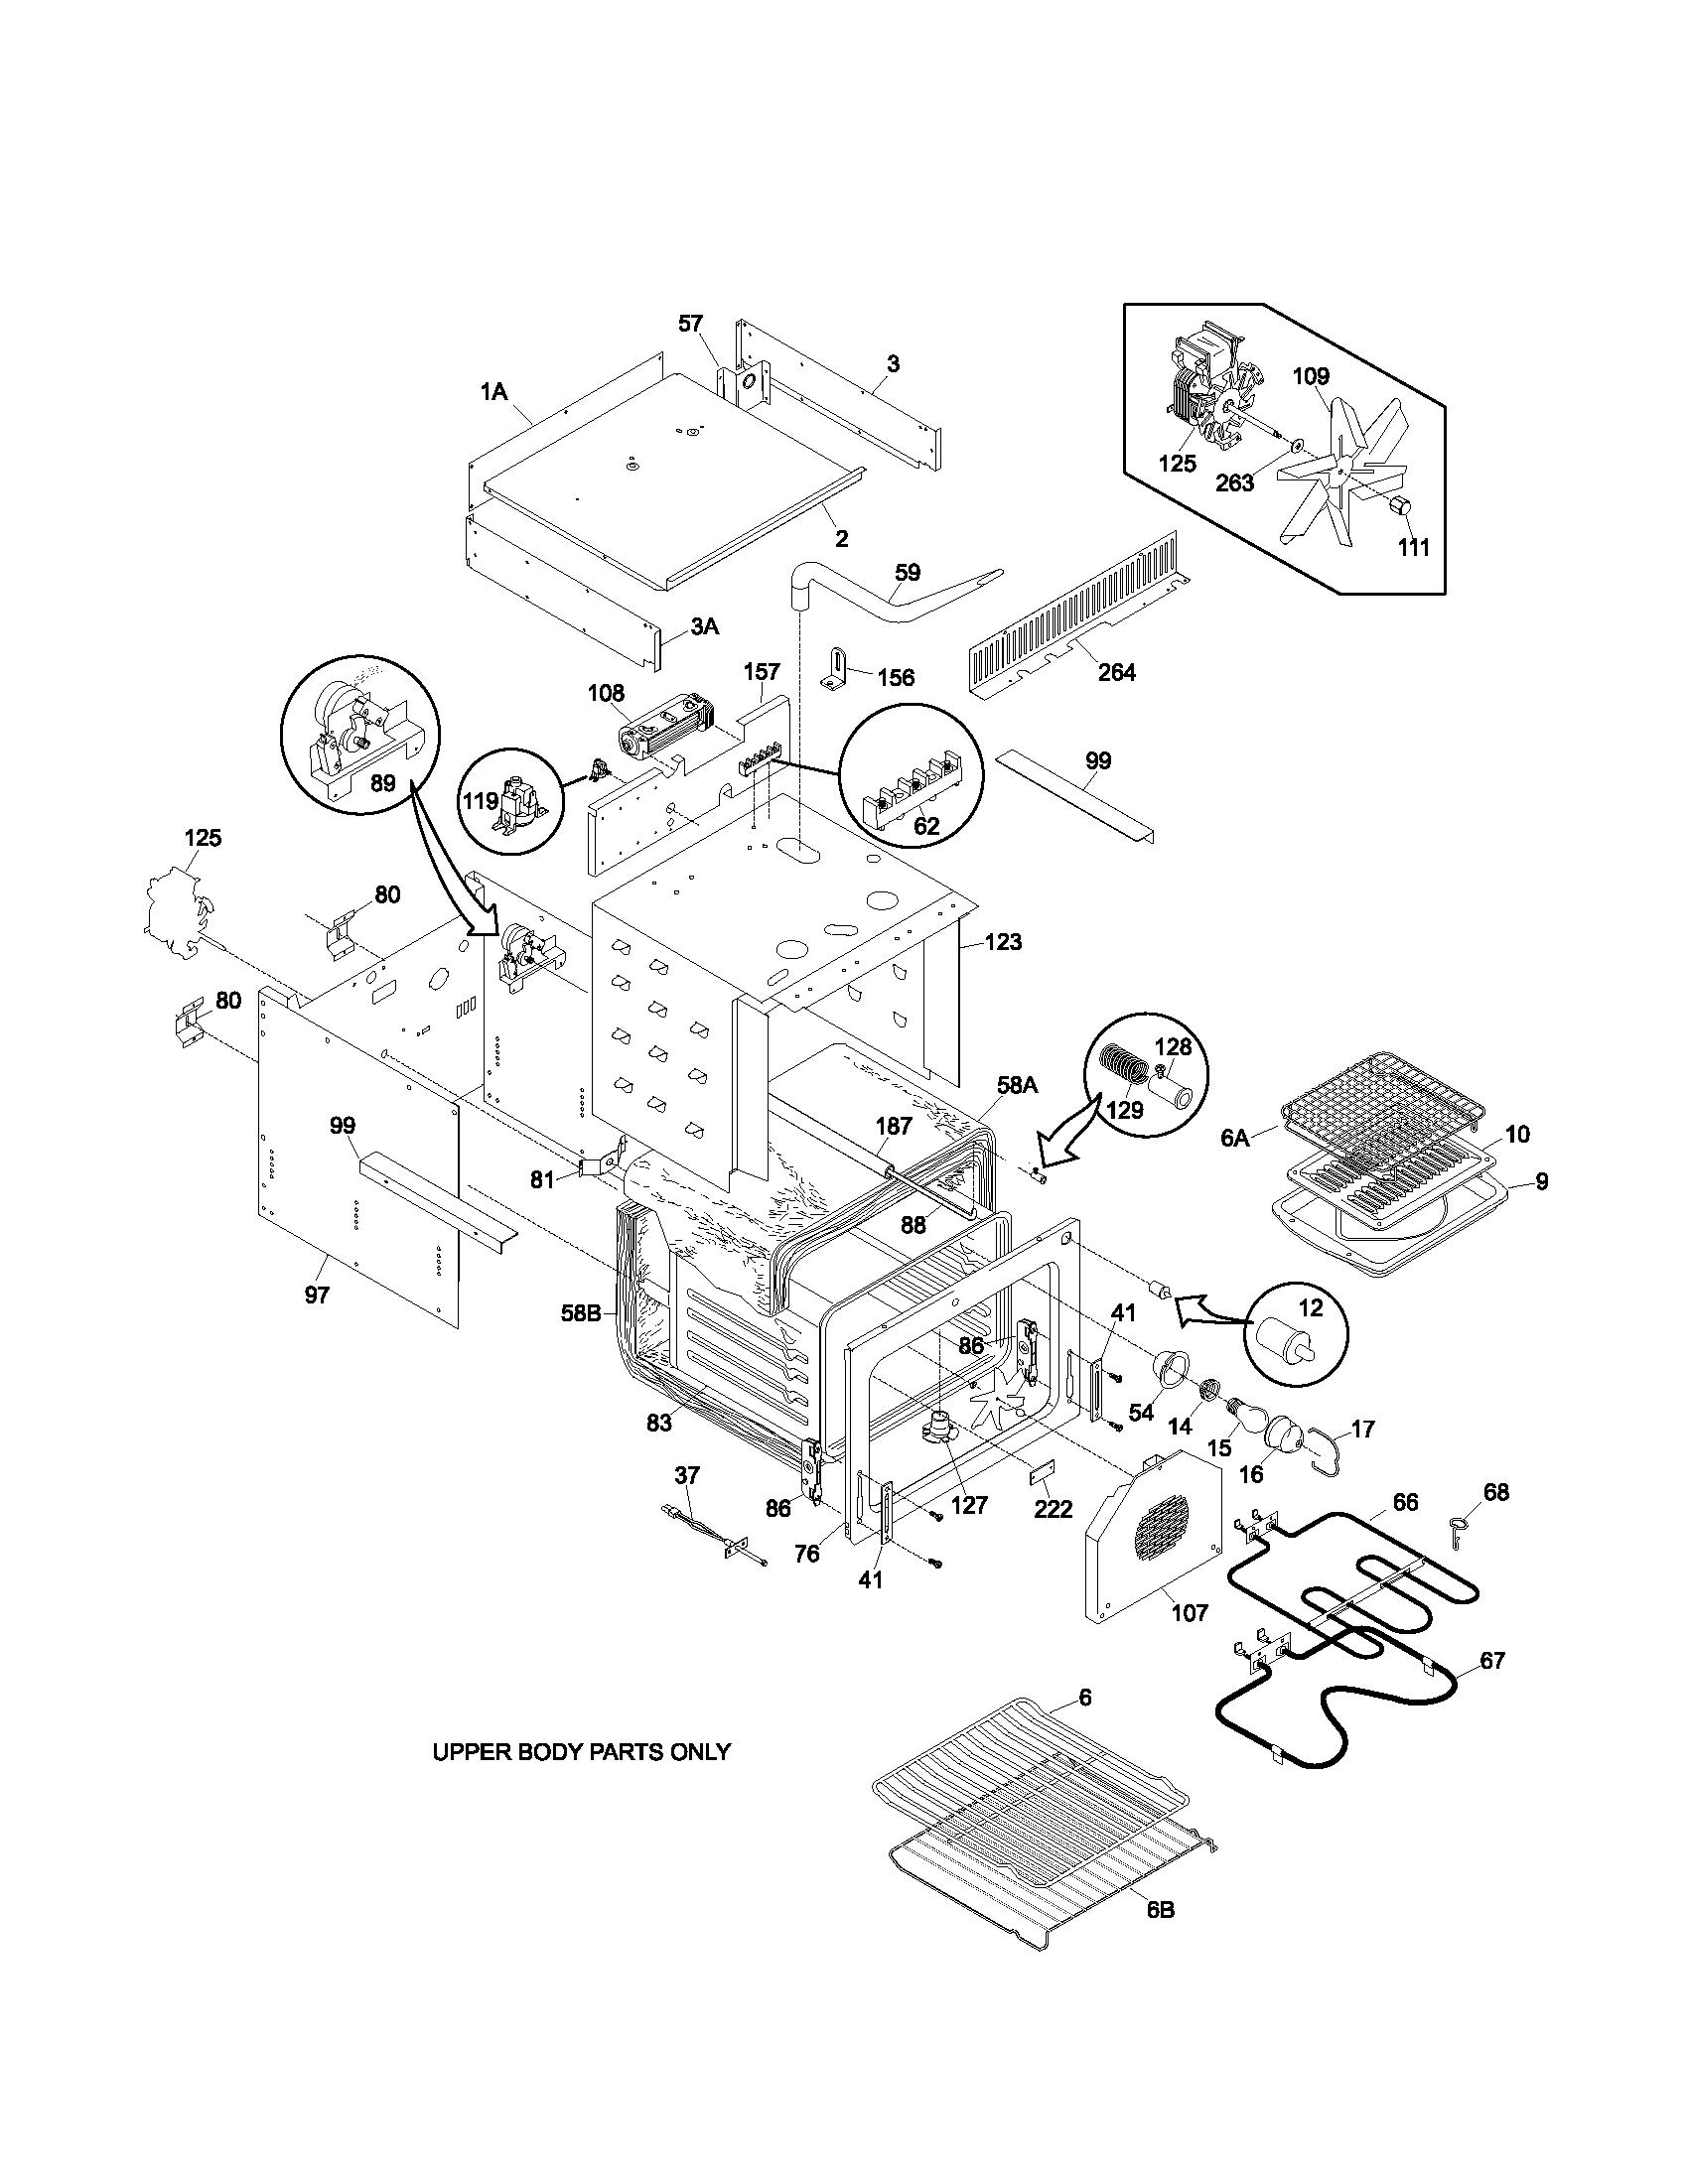 Frigidaire Electric Oven Model Pleb27t8aca Upper Oven